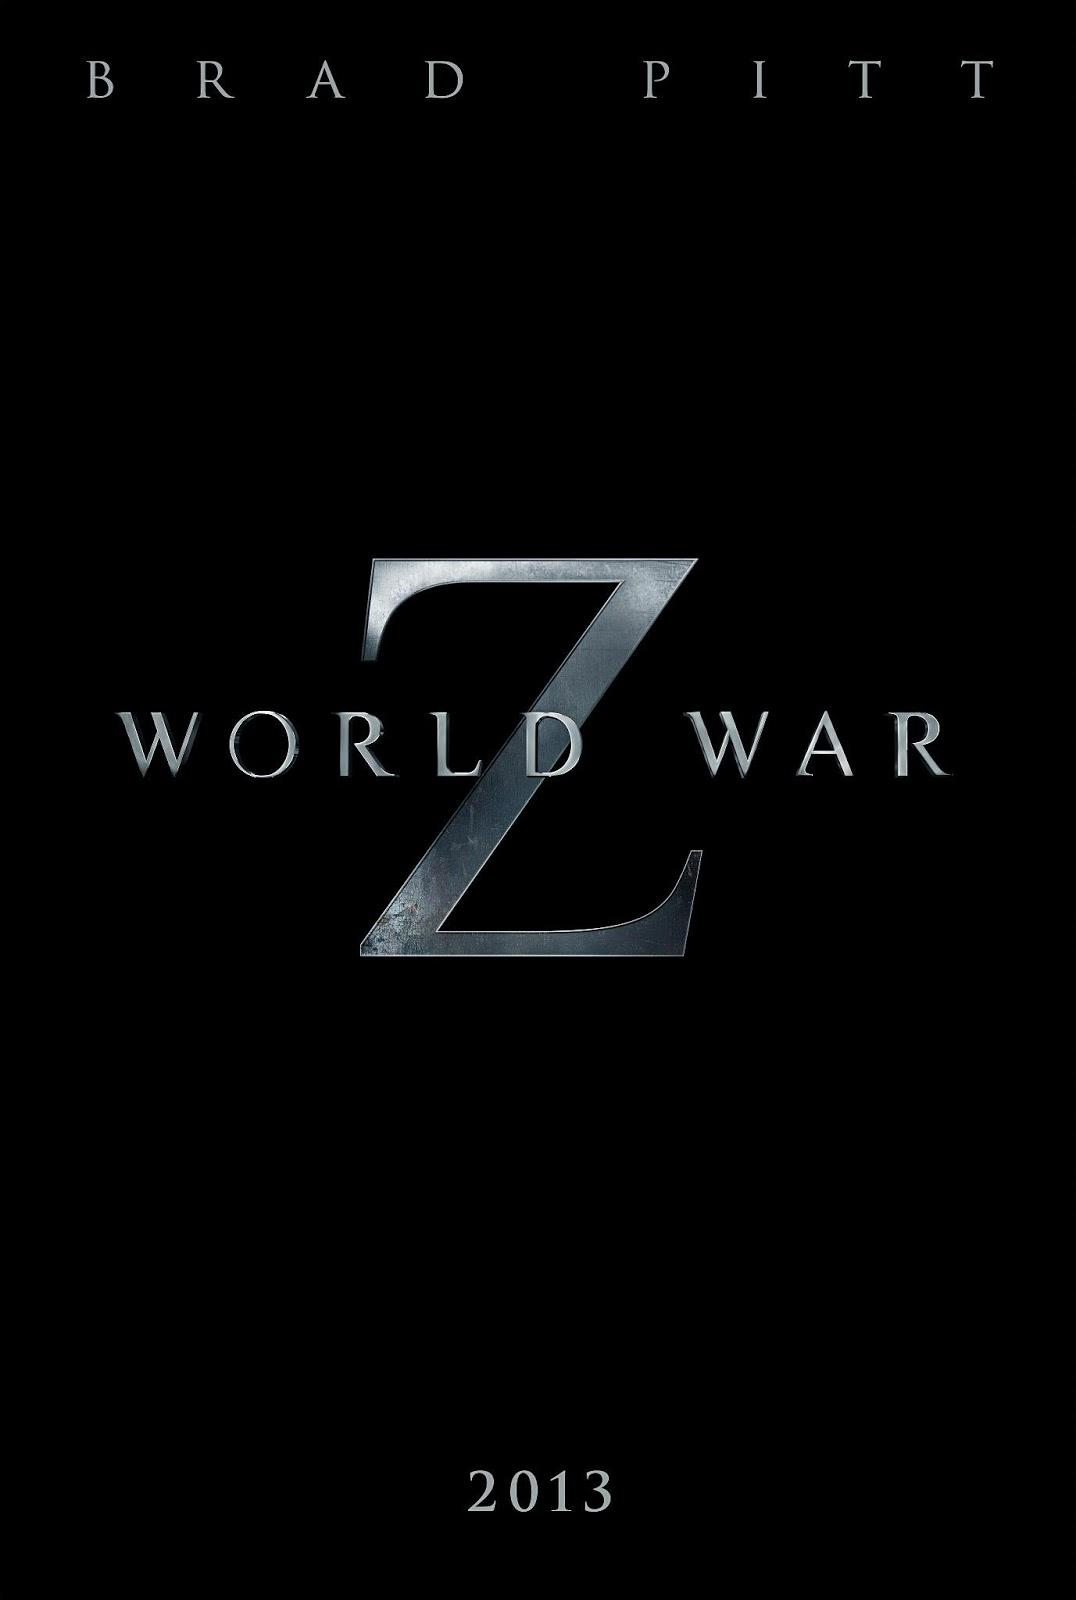 http://4.bp.blogspot.com/-1rxAnP9kUkw/UJ6Sds9jm0I/AAAAAAAAKn0/h2aW7J2OlA0/s1600/World-War-Z-teaser-poster-brad-pitt.jpg